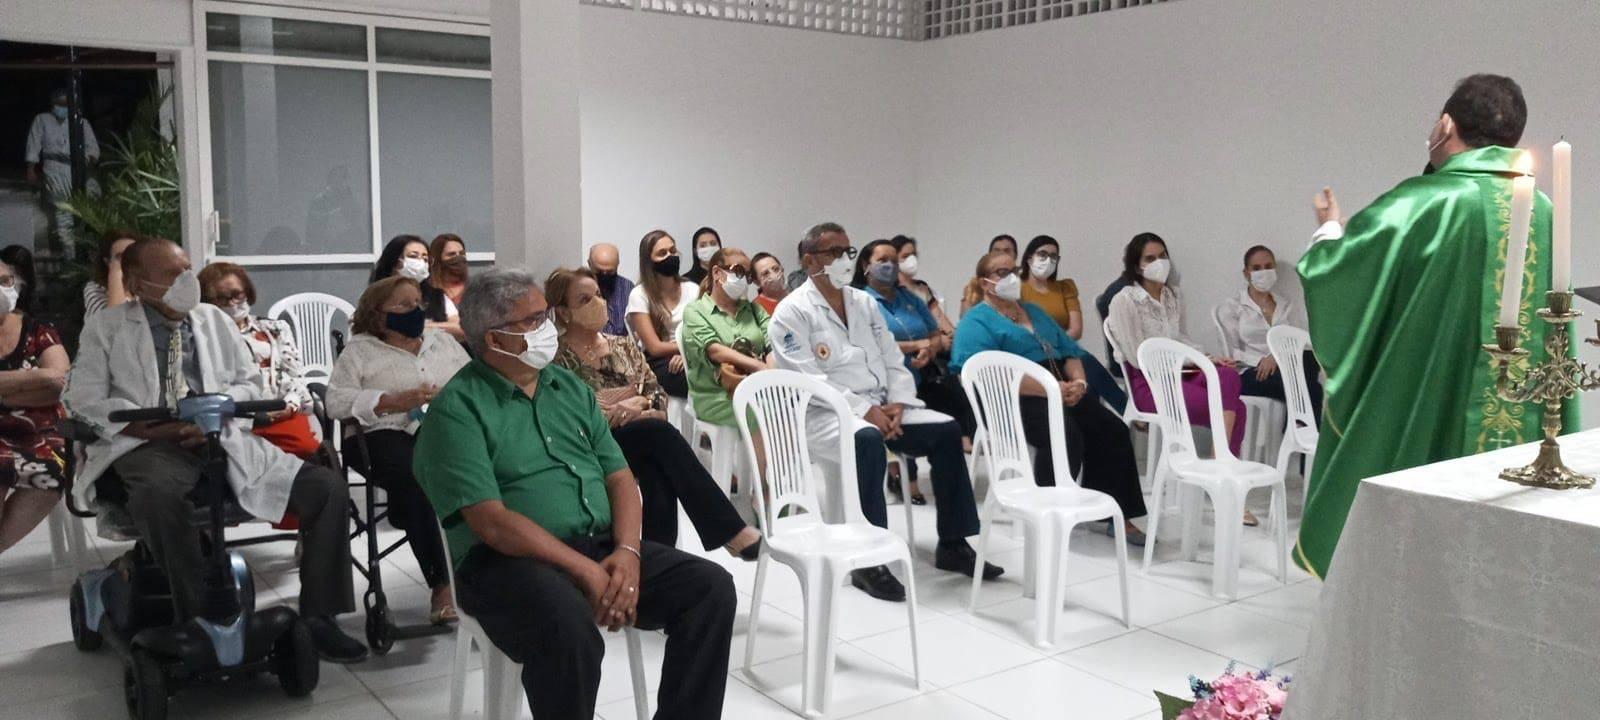 Padre Alexandre Moreira celebra Missa no Hosp